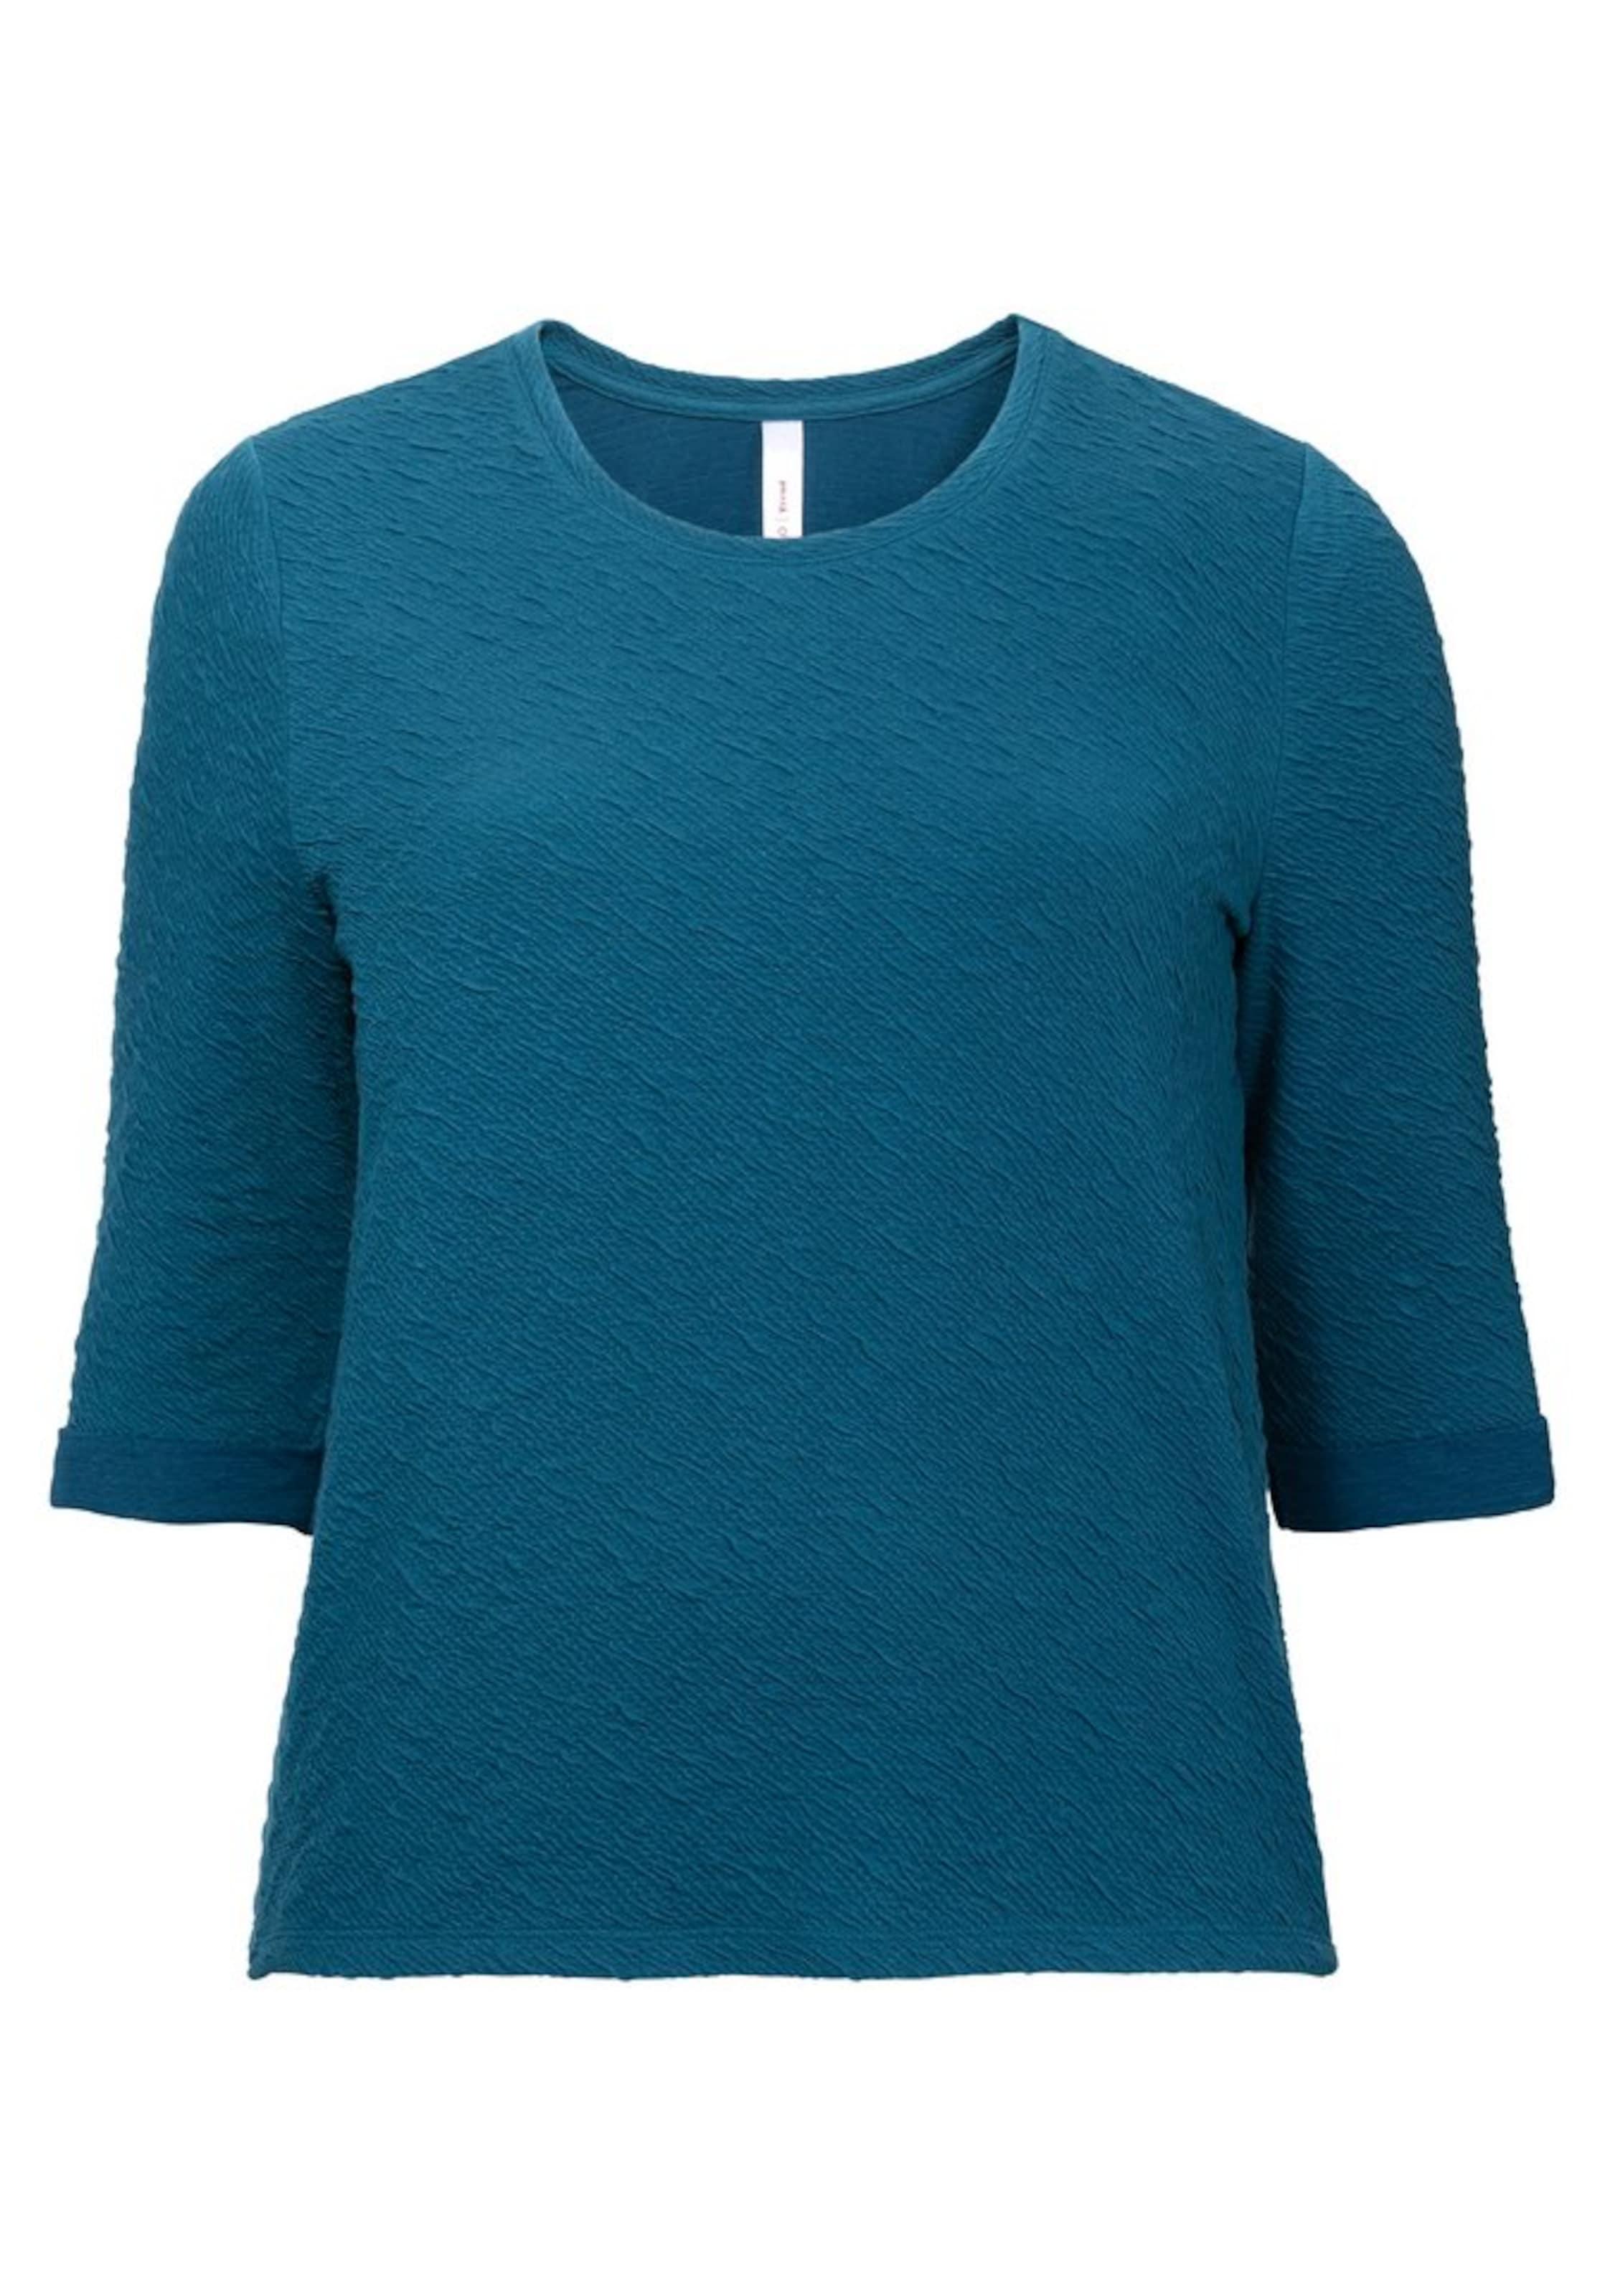 Billig Verkauf Niedriger Versand Billig Einkaufen sheeGOTit 3/4-Arm-Shirt Spielraum Bestellen Steckdose Shop vFYNknU6SM